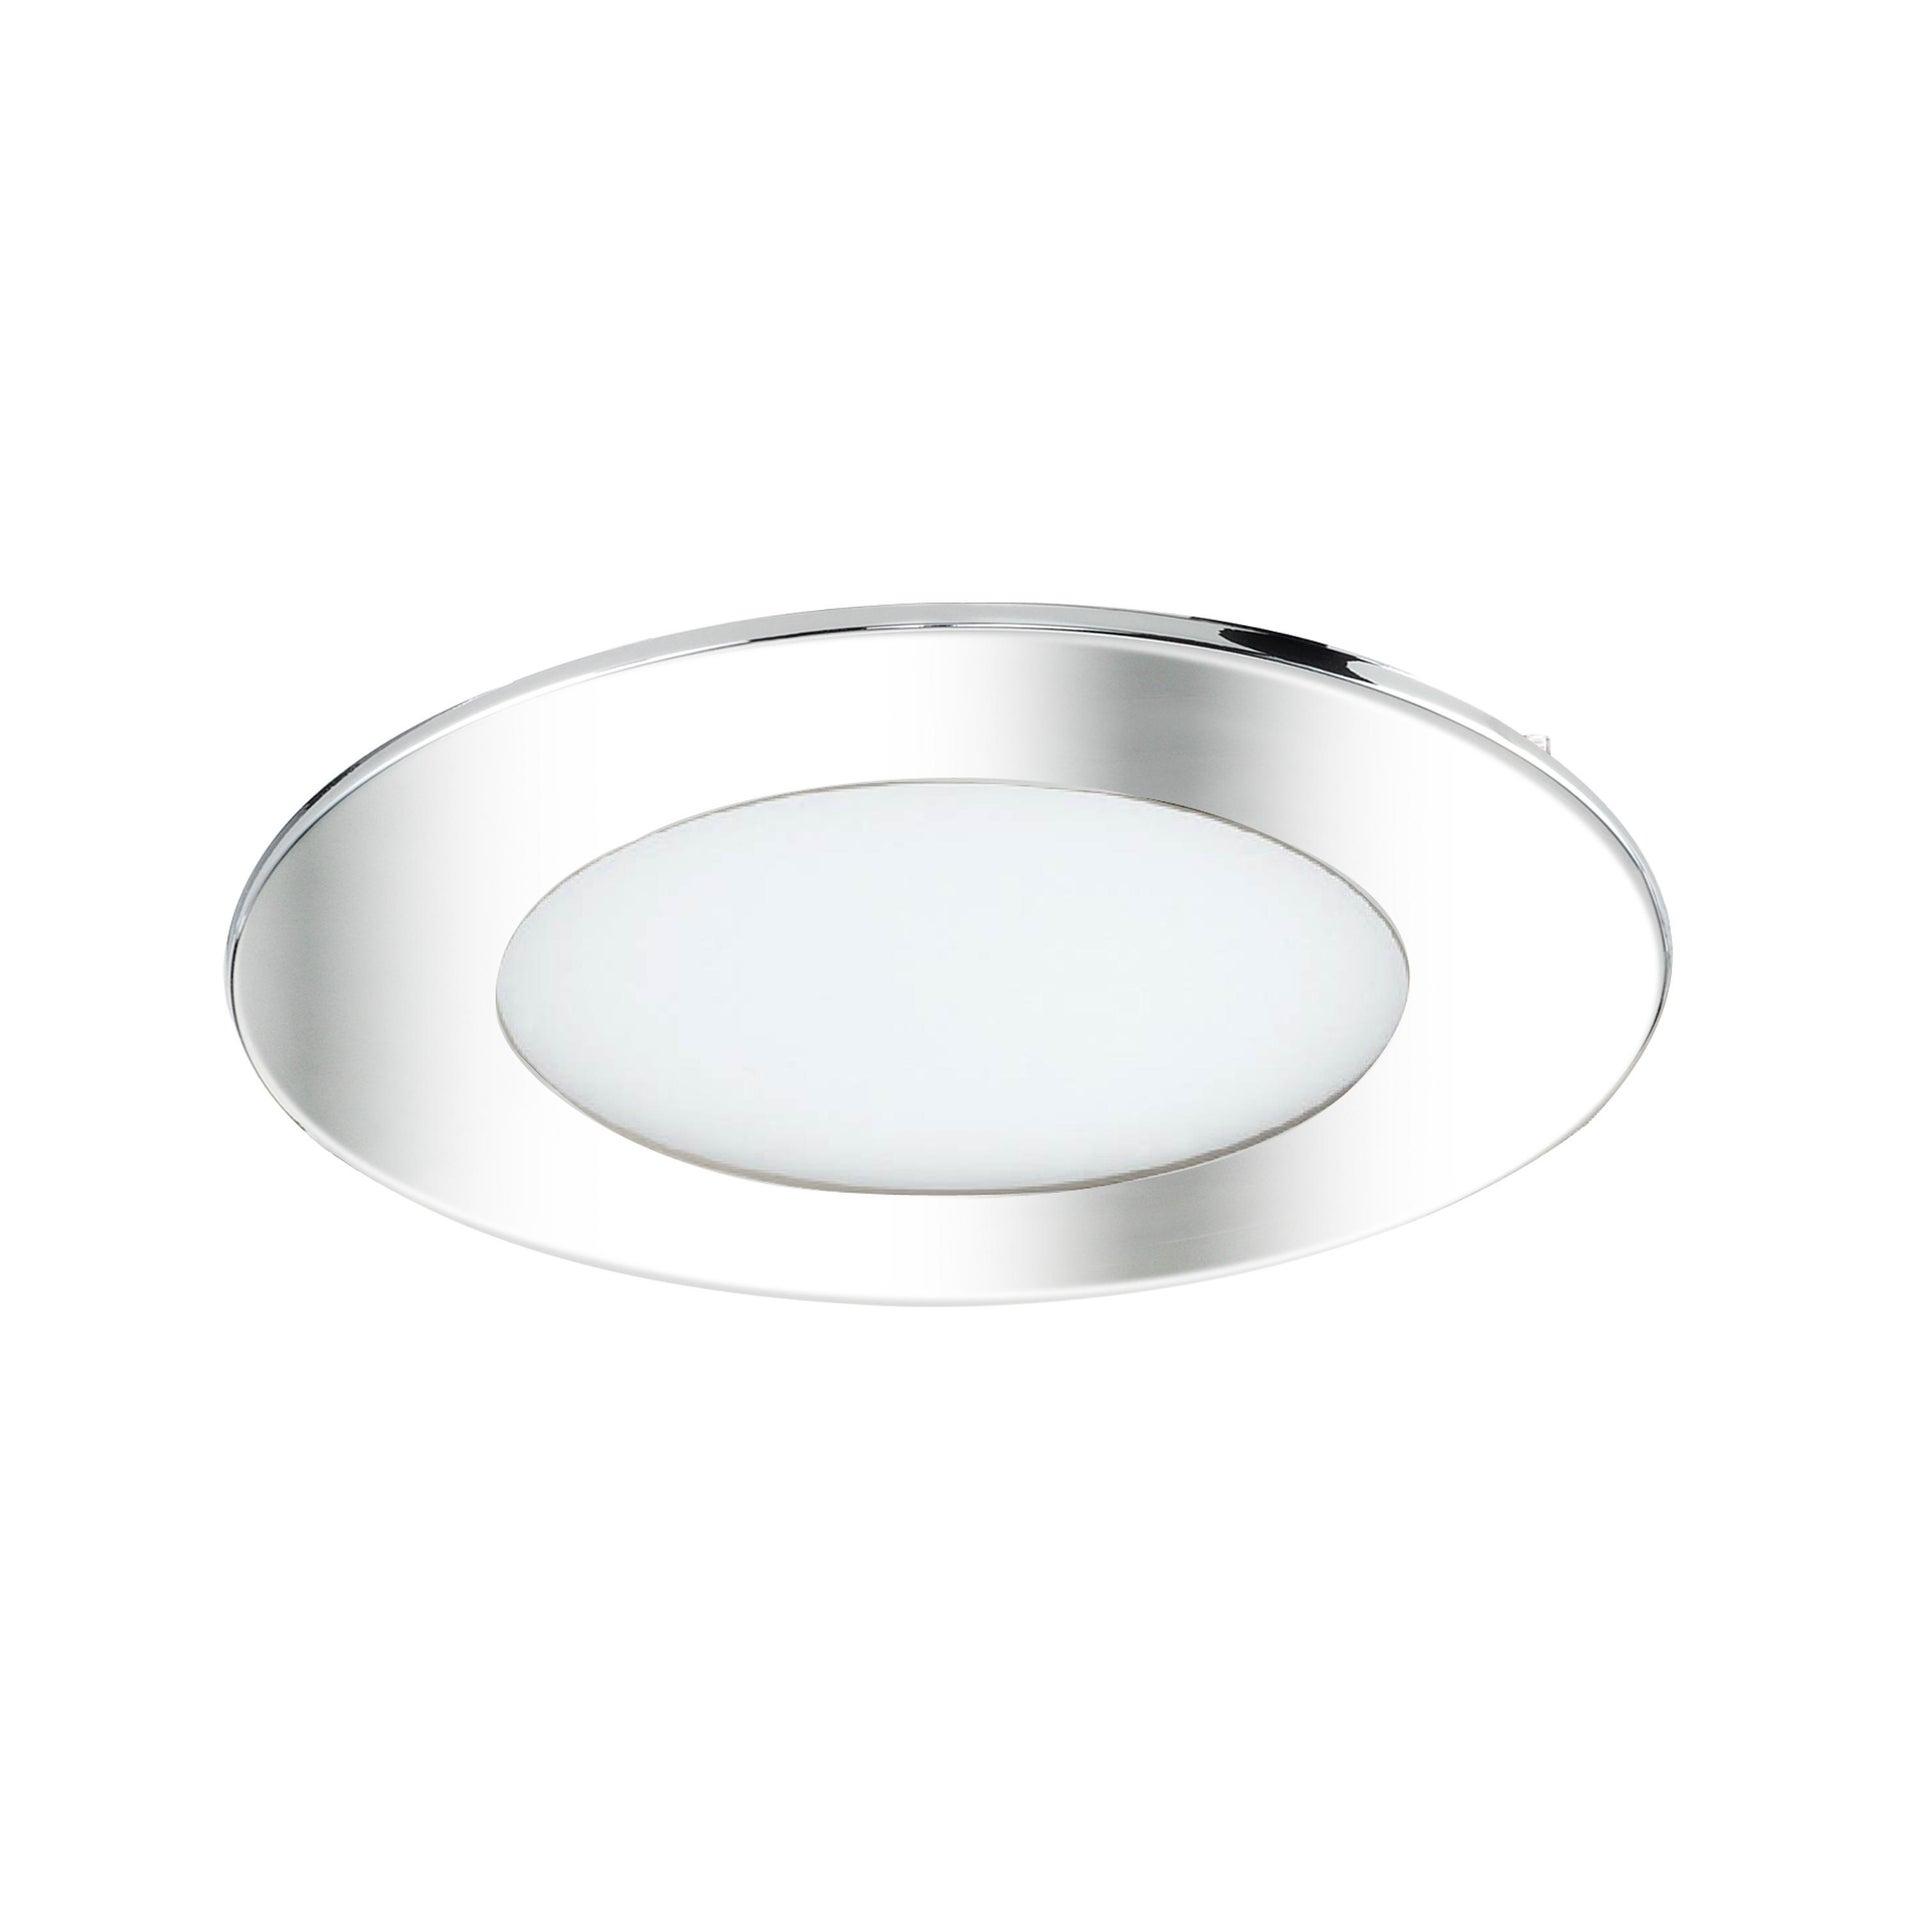 Faretto fisso da incasso tondo Ex.bath in Alluminio nichel, diam. 12 cm LED integrato 900LM IP44 INSPIRE - 3